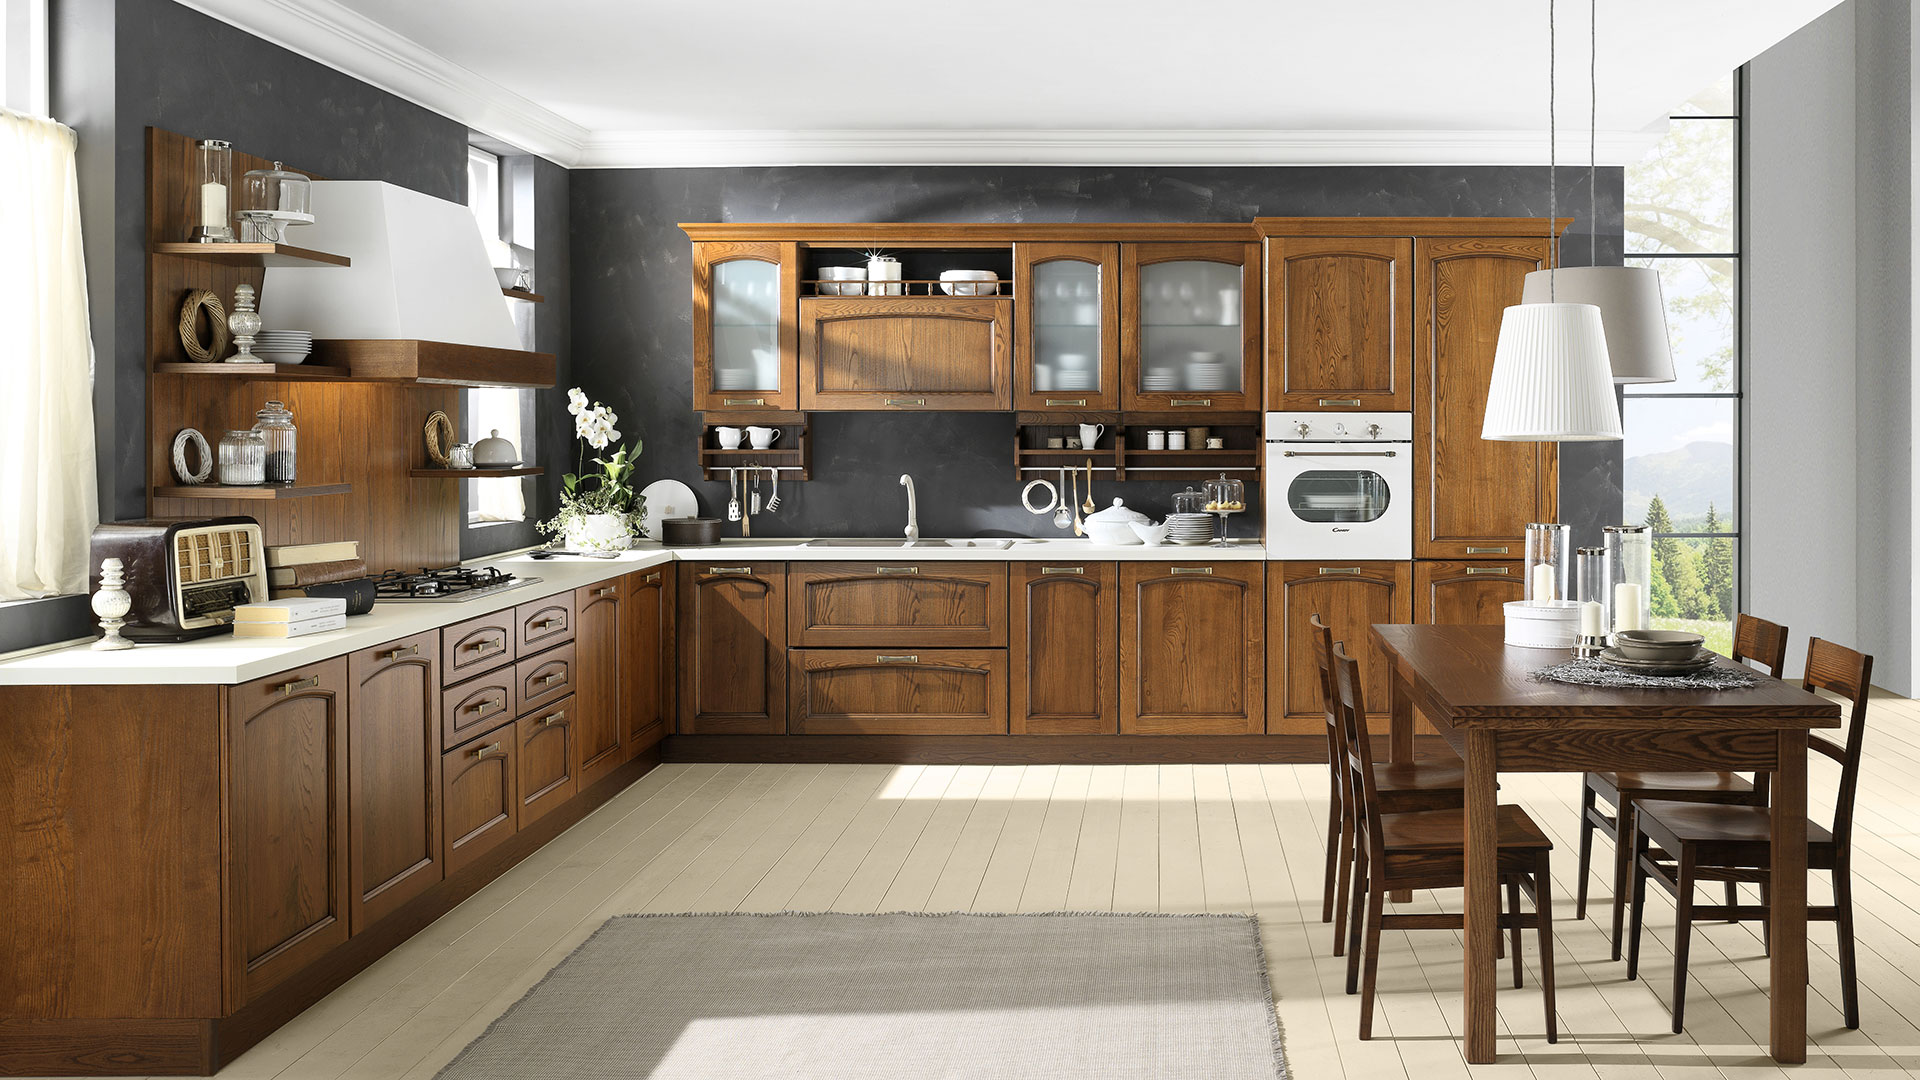 Cucine classiche evo cucine for Immagini cucine